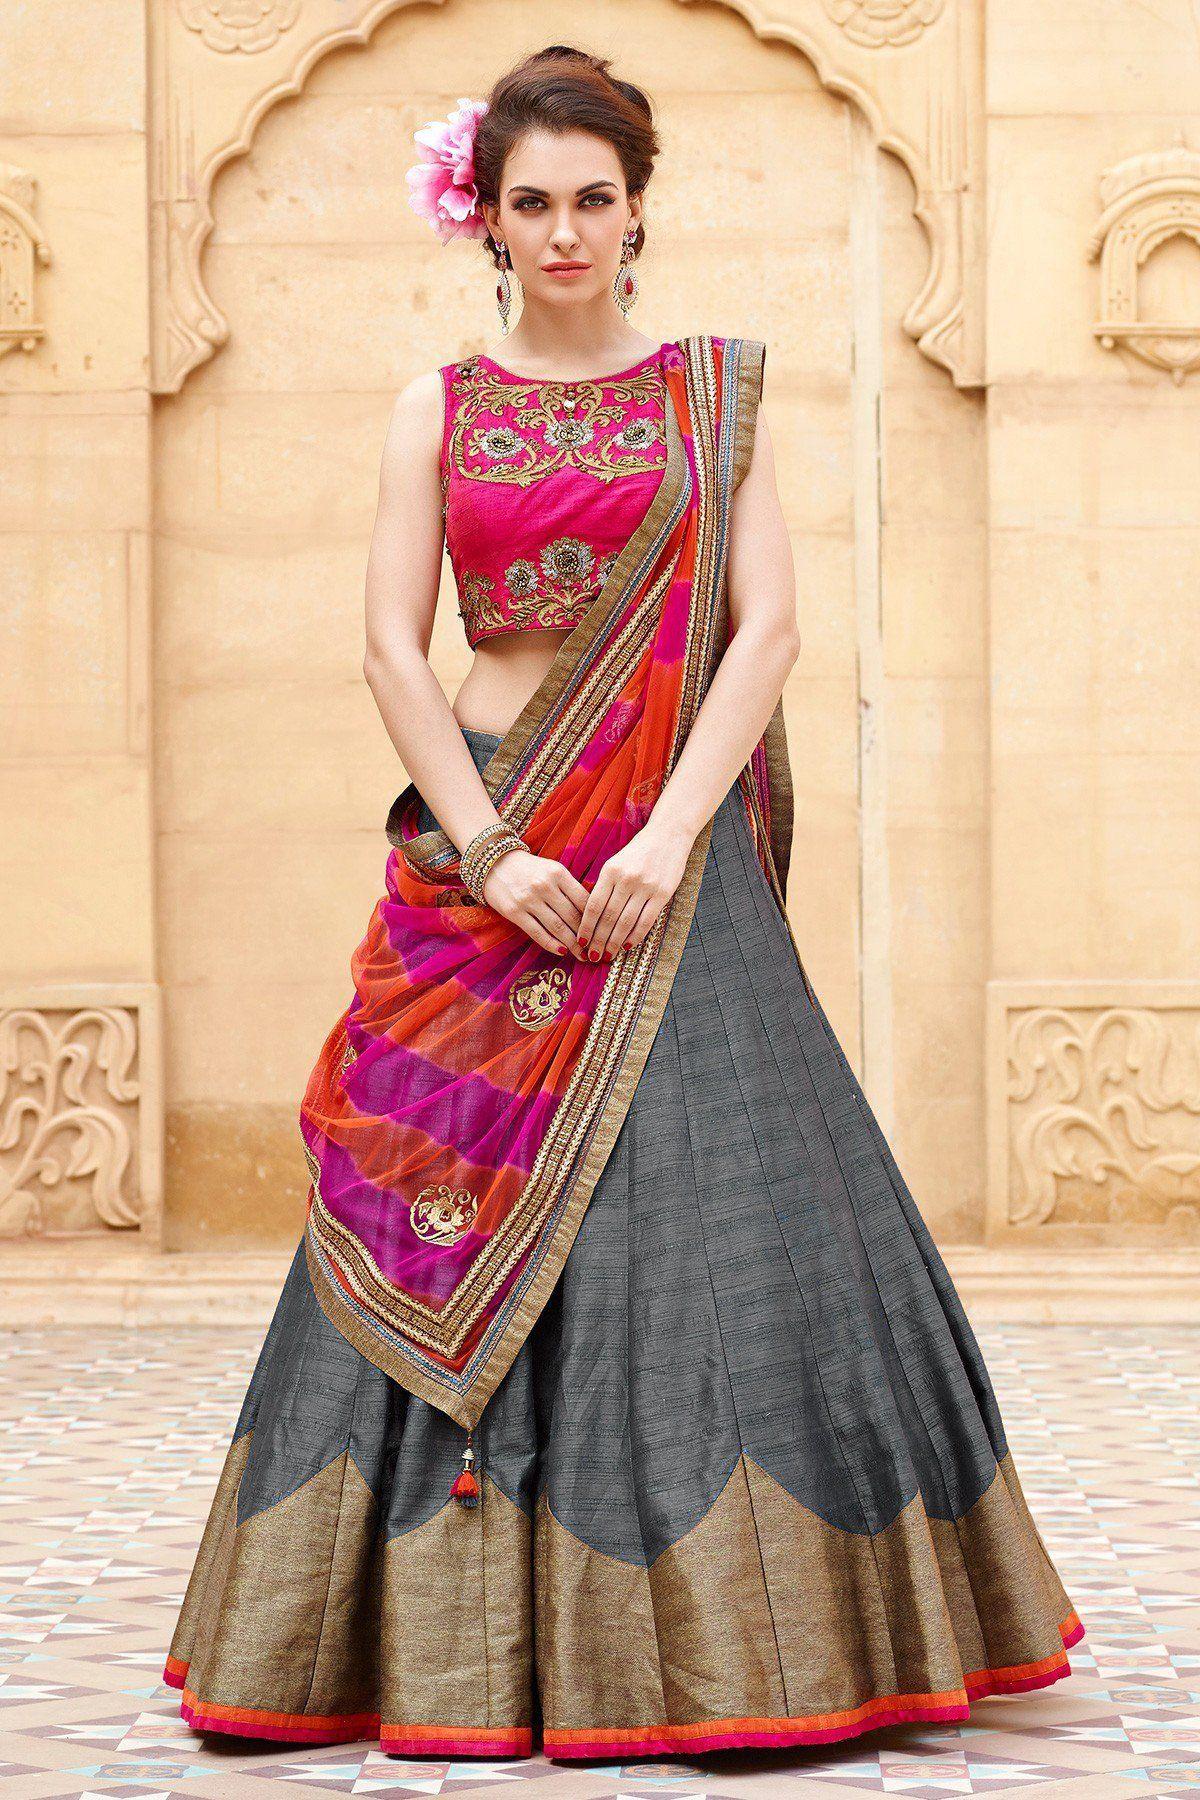 ed10e0e955 New Special Multi Embroidery Banglori Silk Lehenga Choli | escape ...